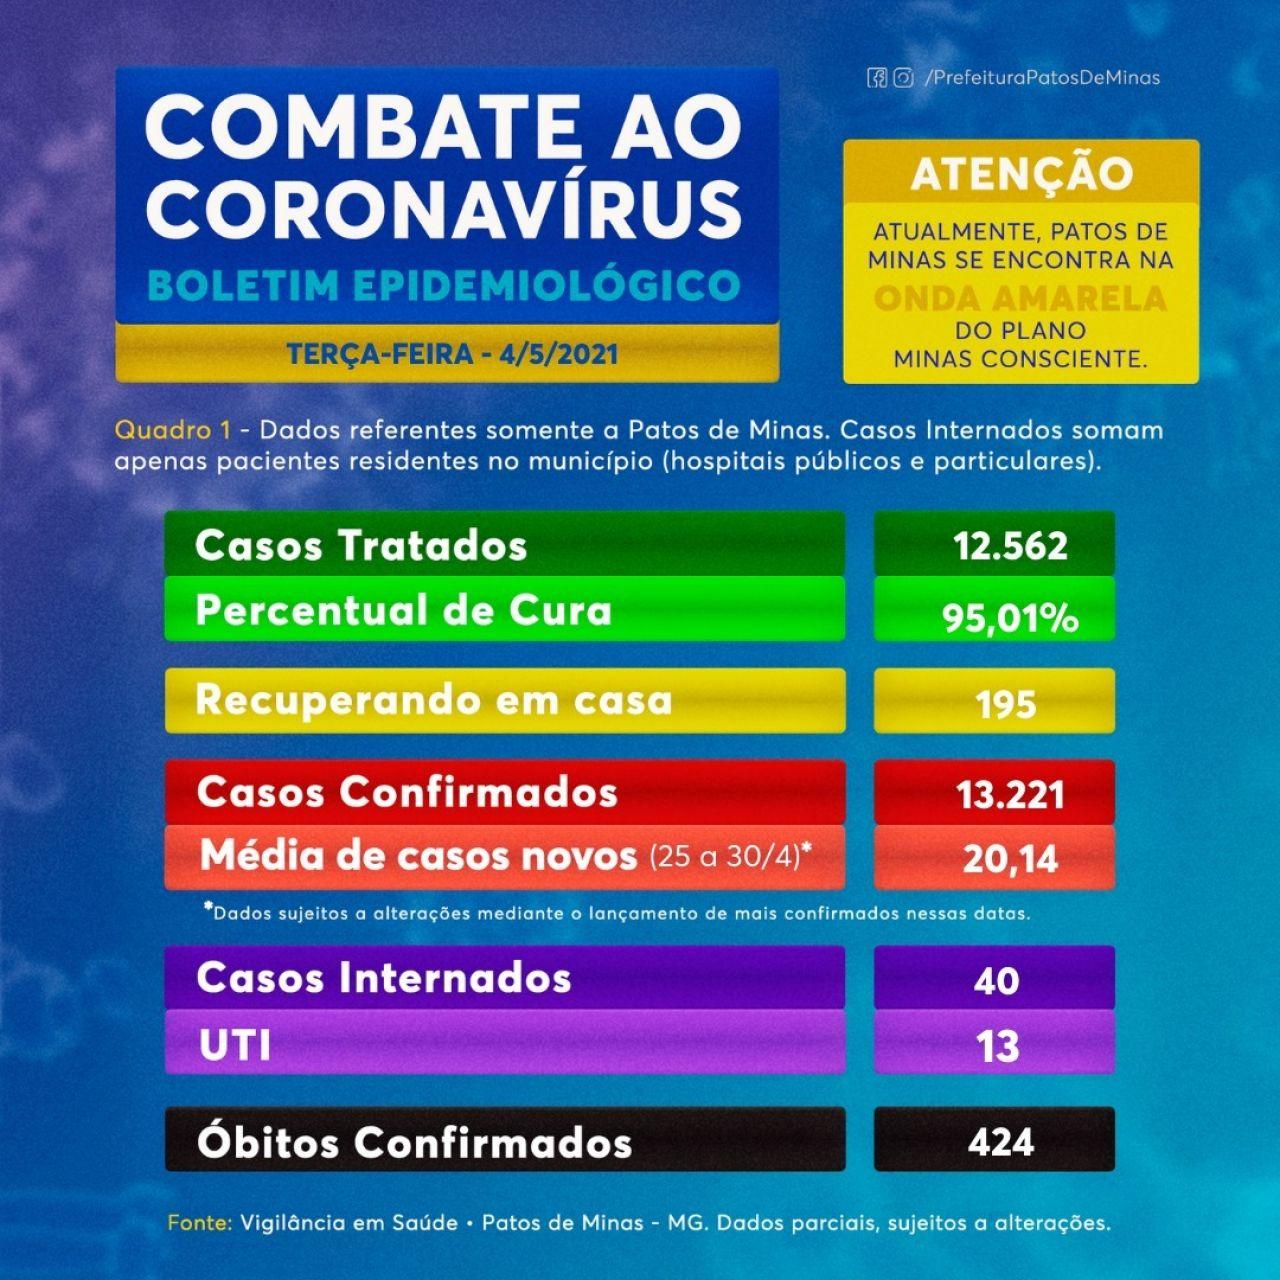 Covid-19: Patos de Minas registra 11 novos casos; taxa de cura é de 95,01%